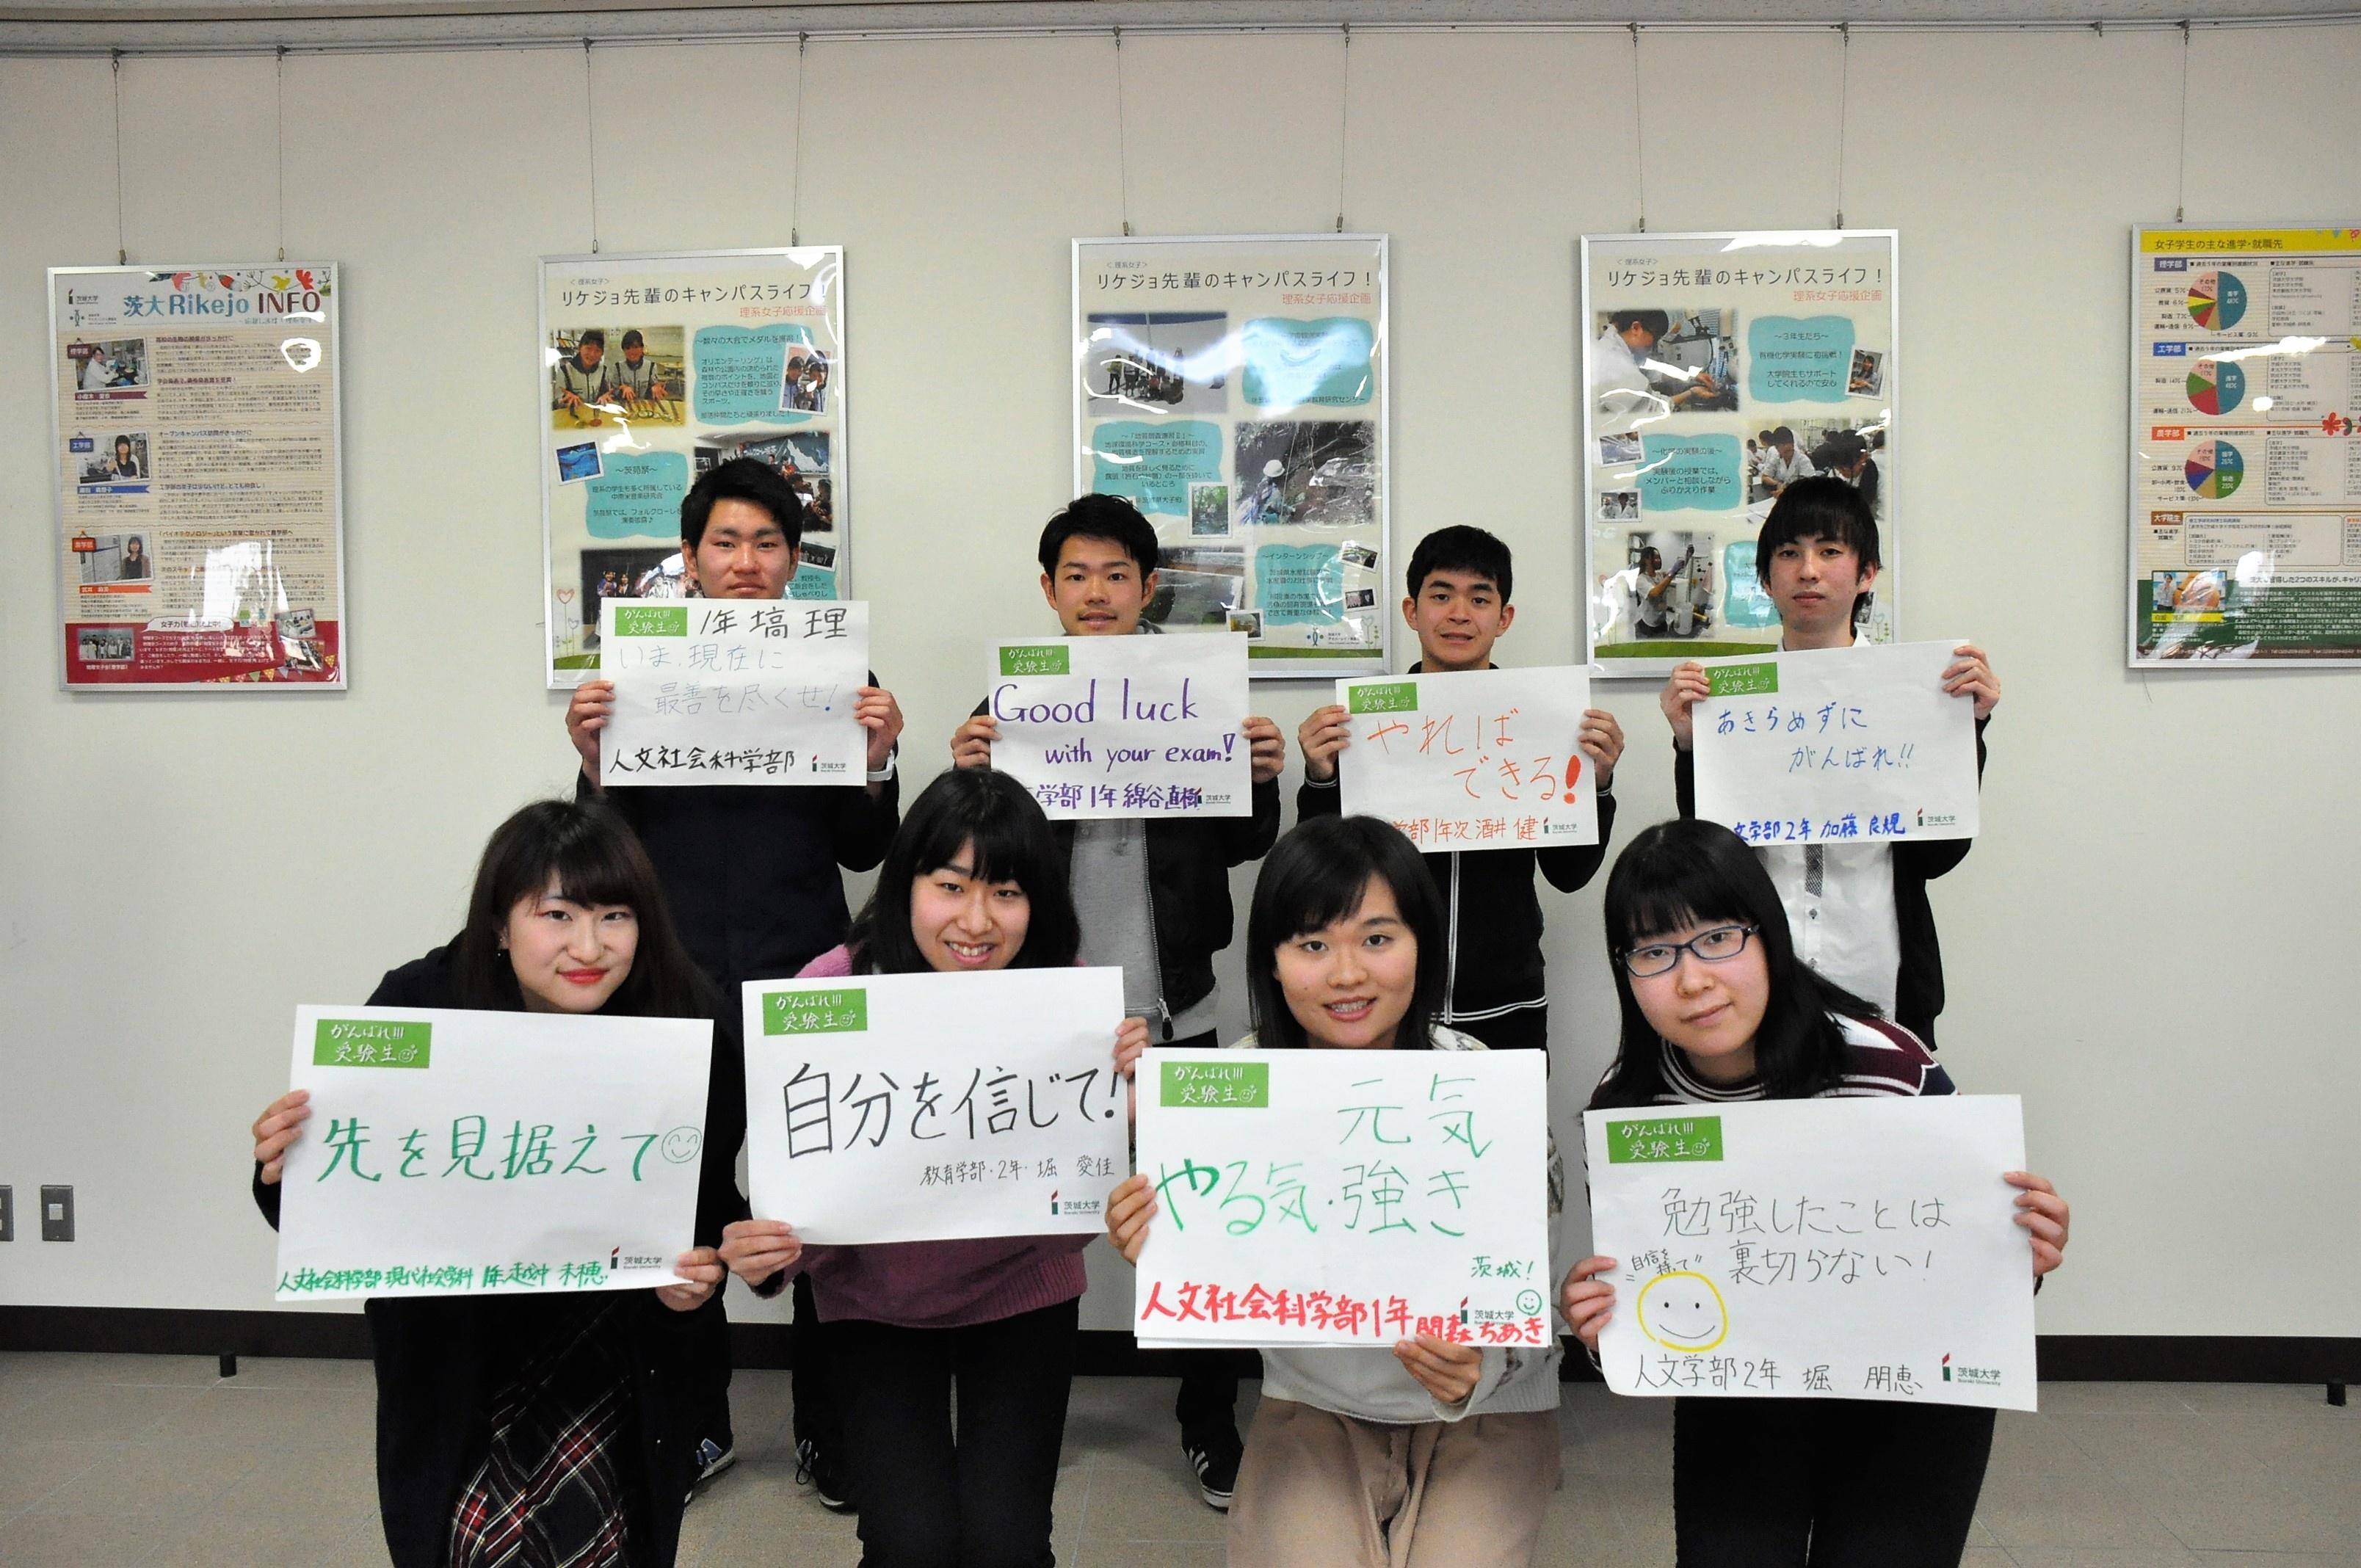 http://www.ibaraki.ac.jp/commit/2018/01/16/img/DSC_0032ibdaikh20180116_032.JPG